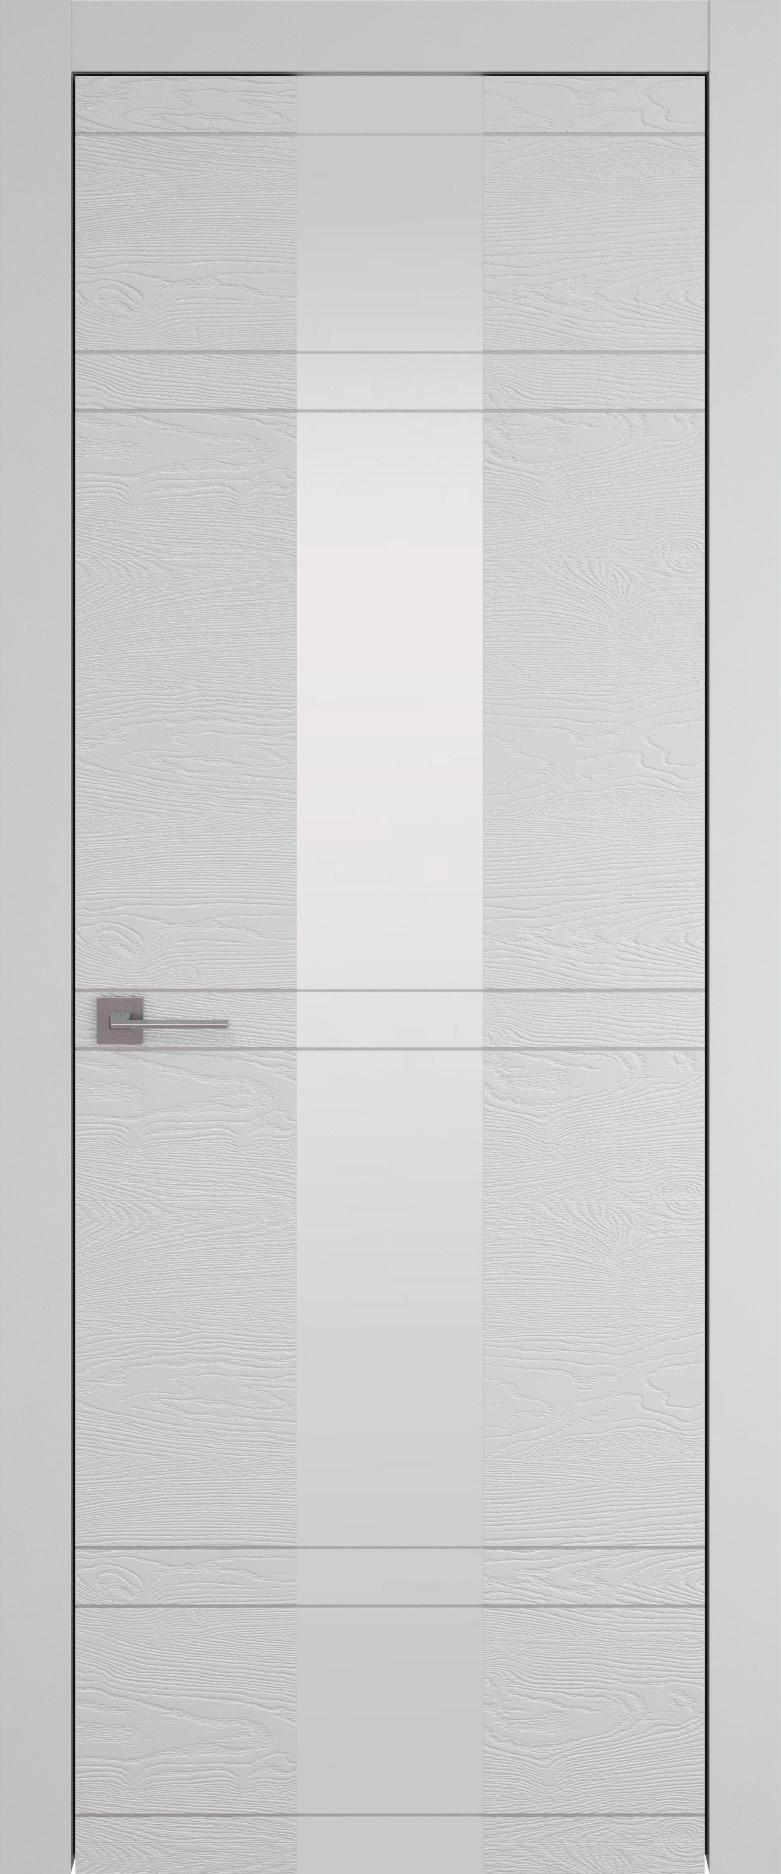 Tivoli Ж-4 цвет - Серая эмаль по шпону (RAL 7047) Со стеклом (ДО)